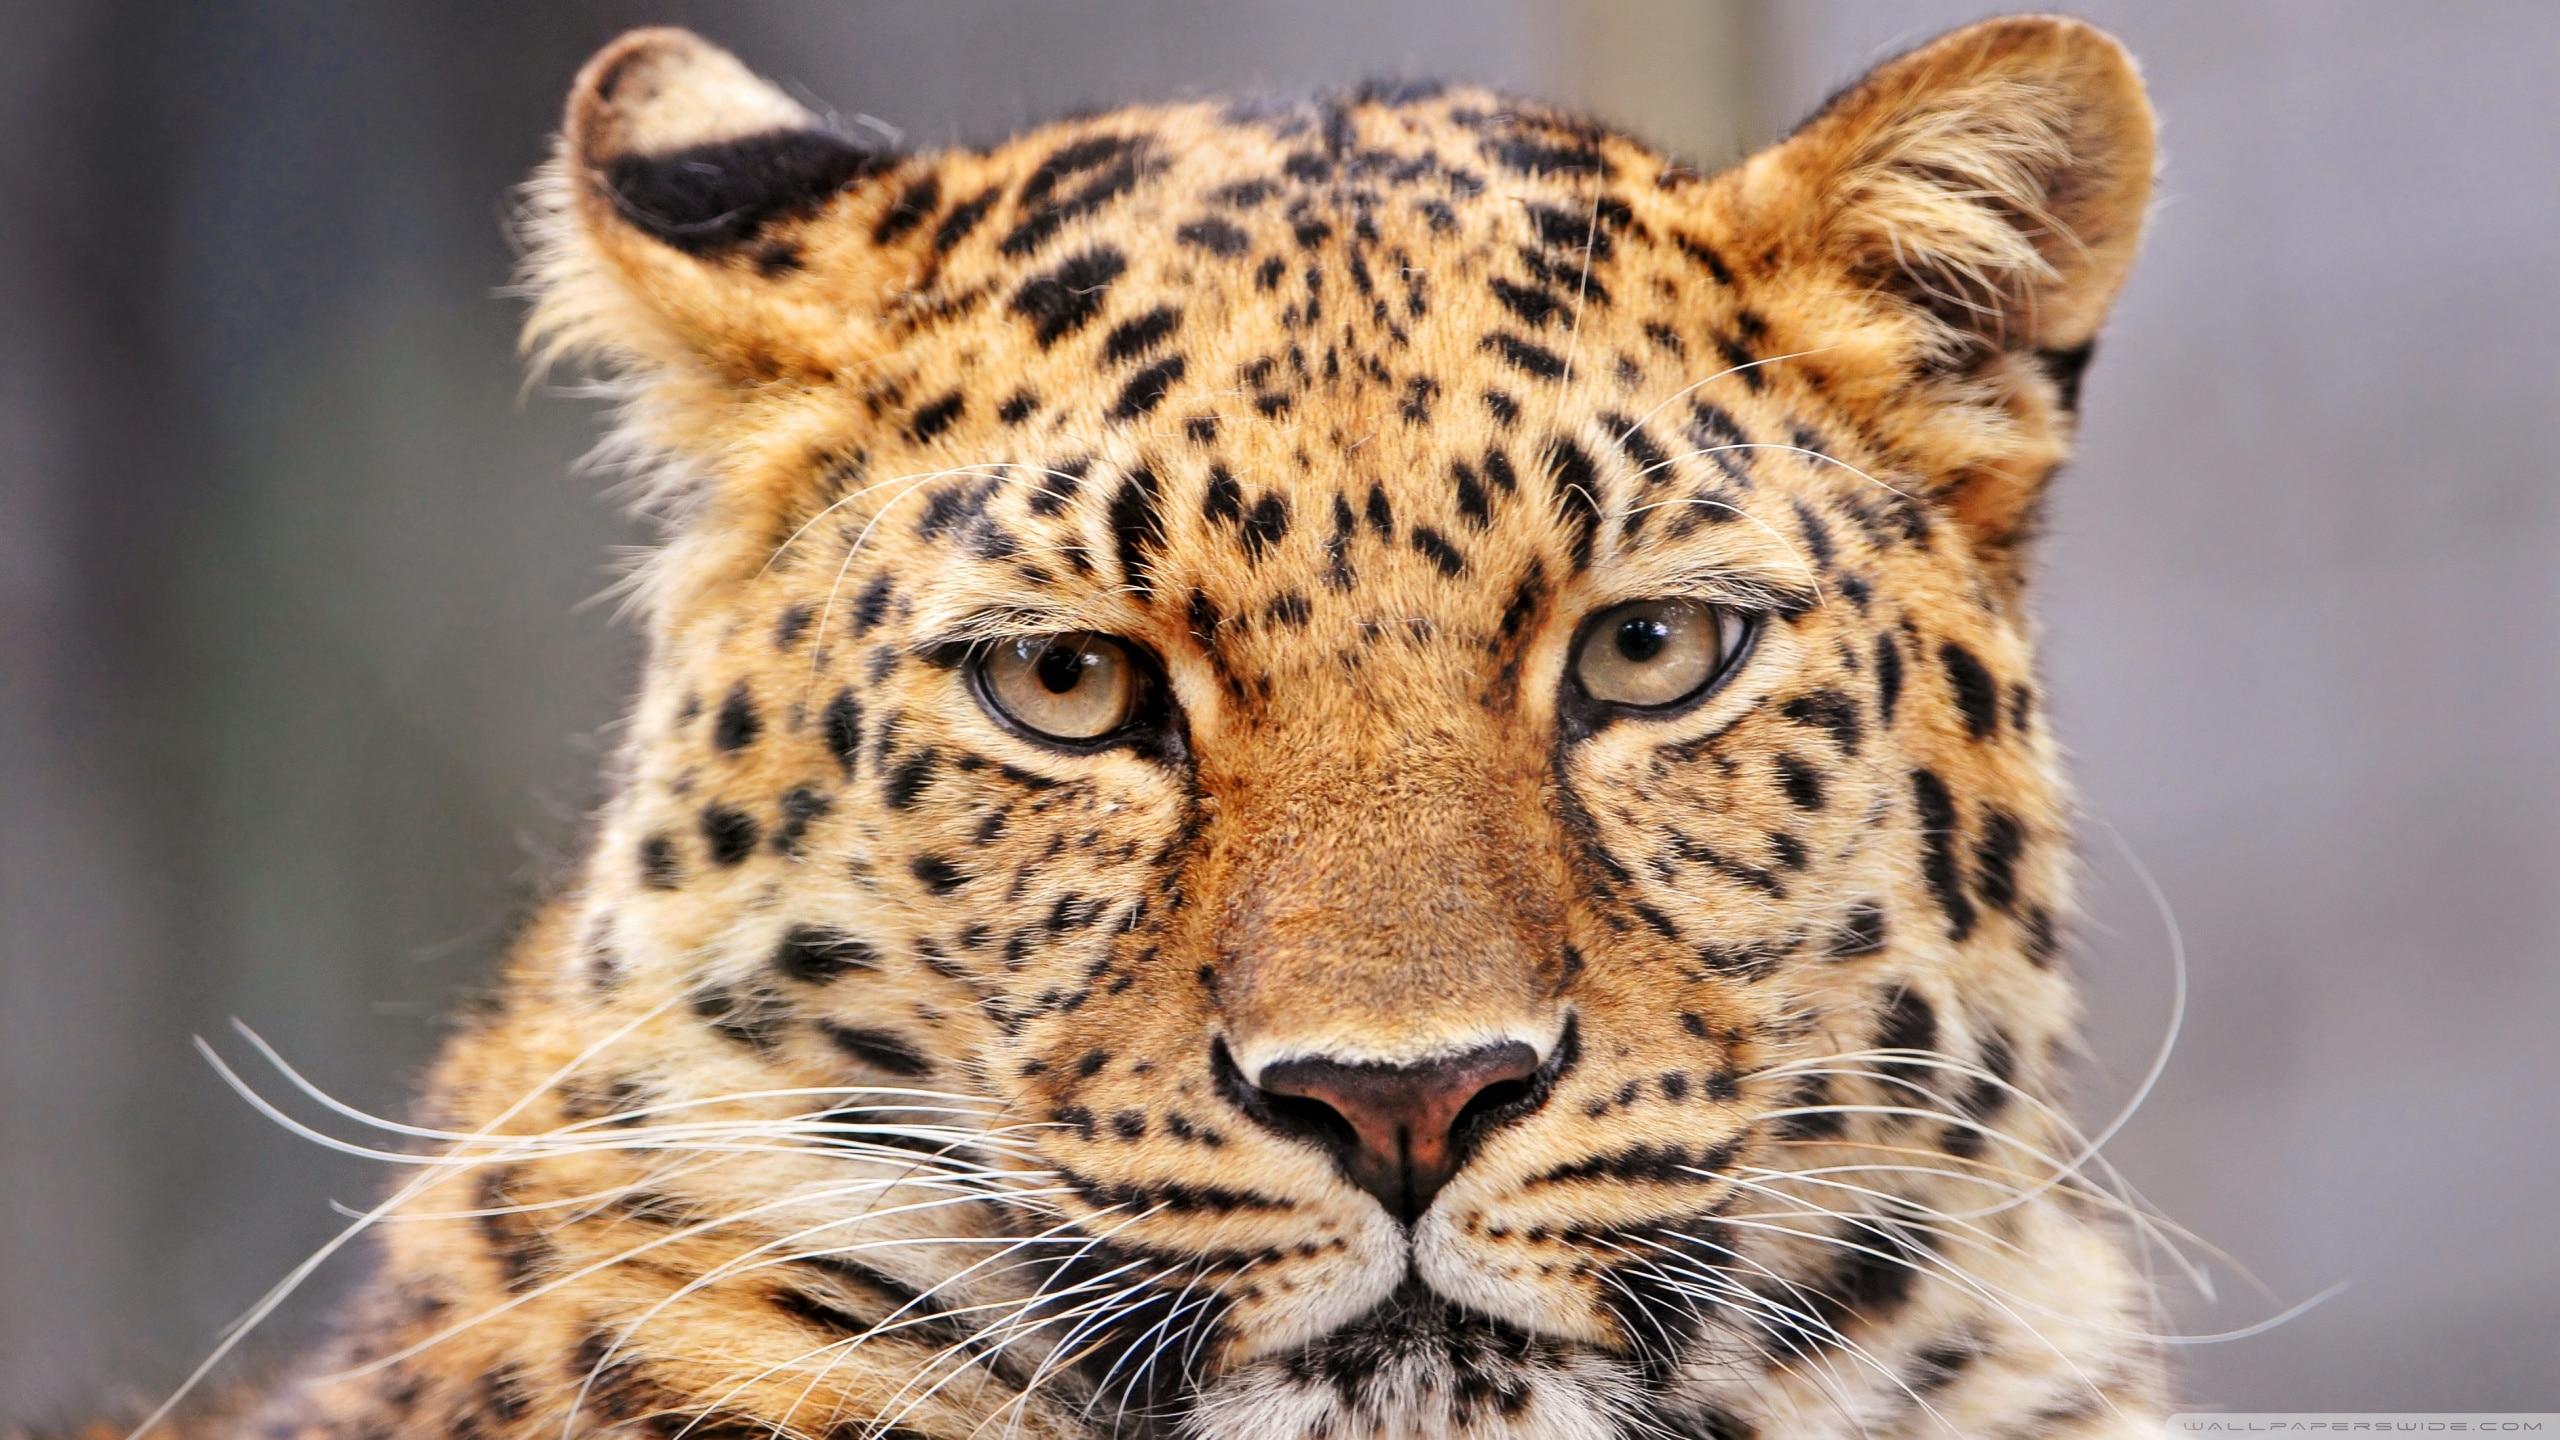 Fondos De Animales Animados: 200 Fondos De Pantalla De Animales Salvajes Para Mac (I